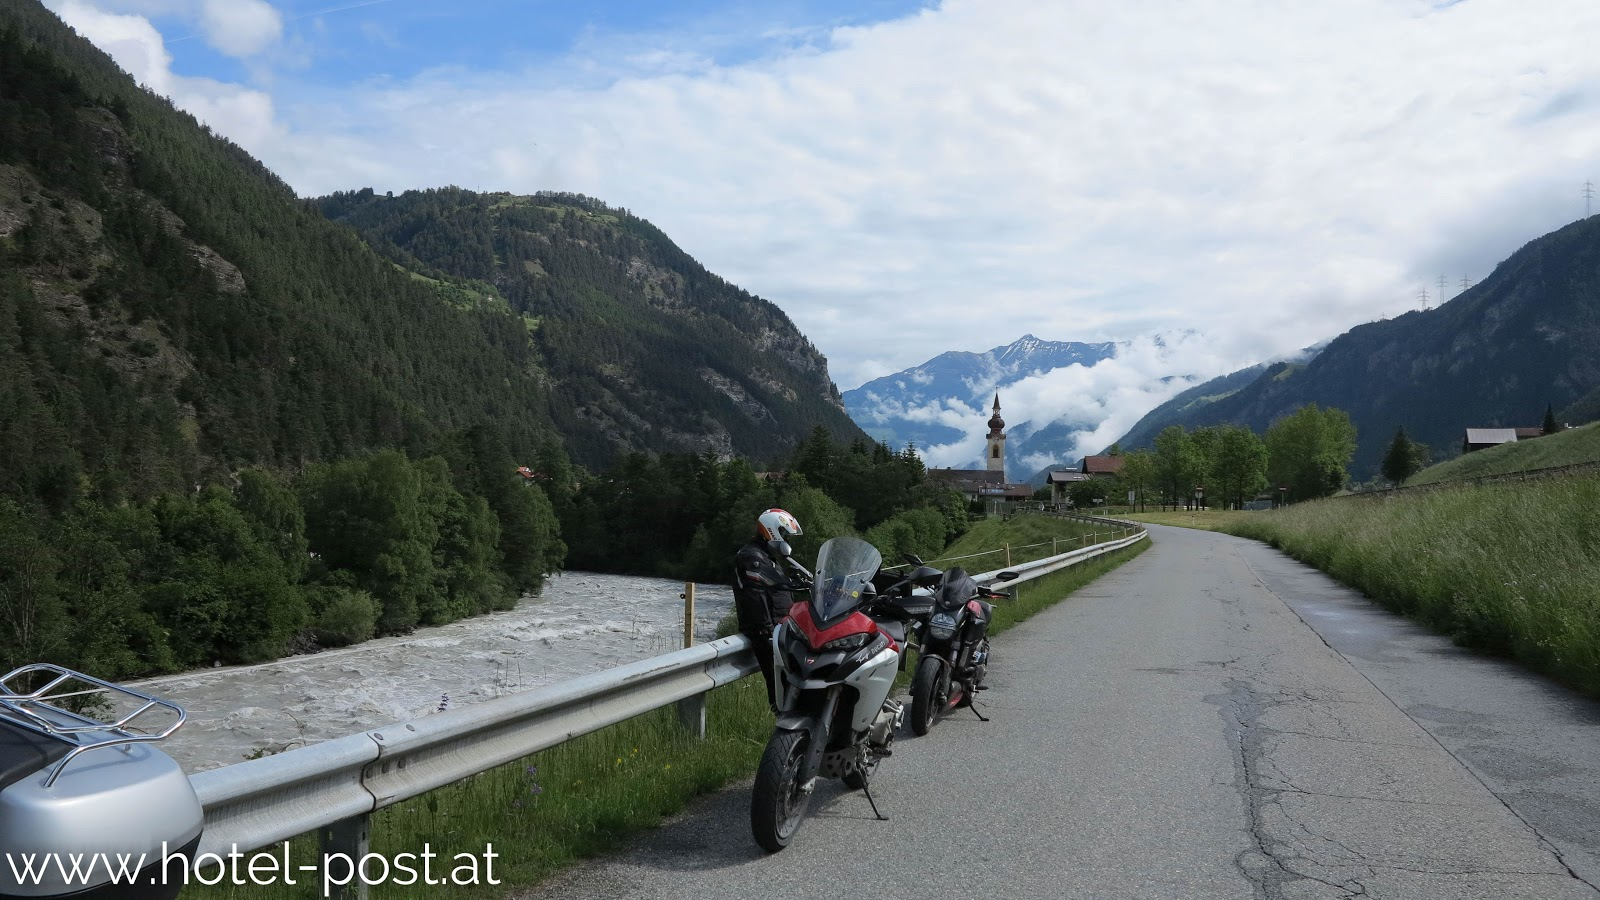 08.06.2016 Postwirt geführte Motorradtour